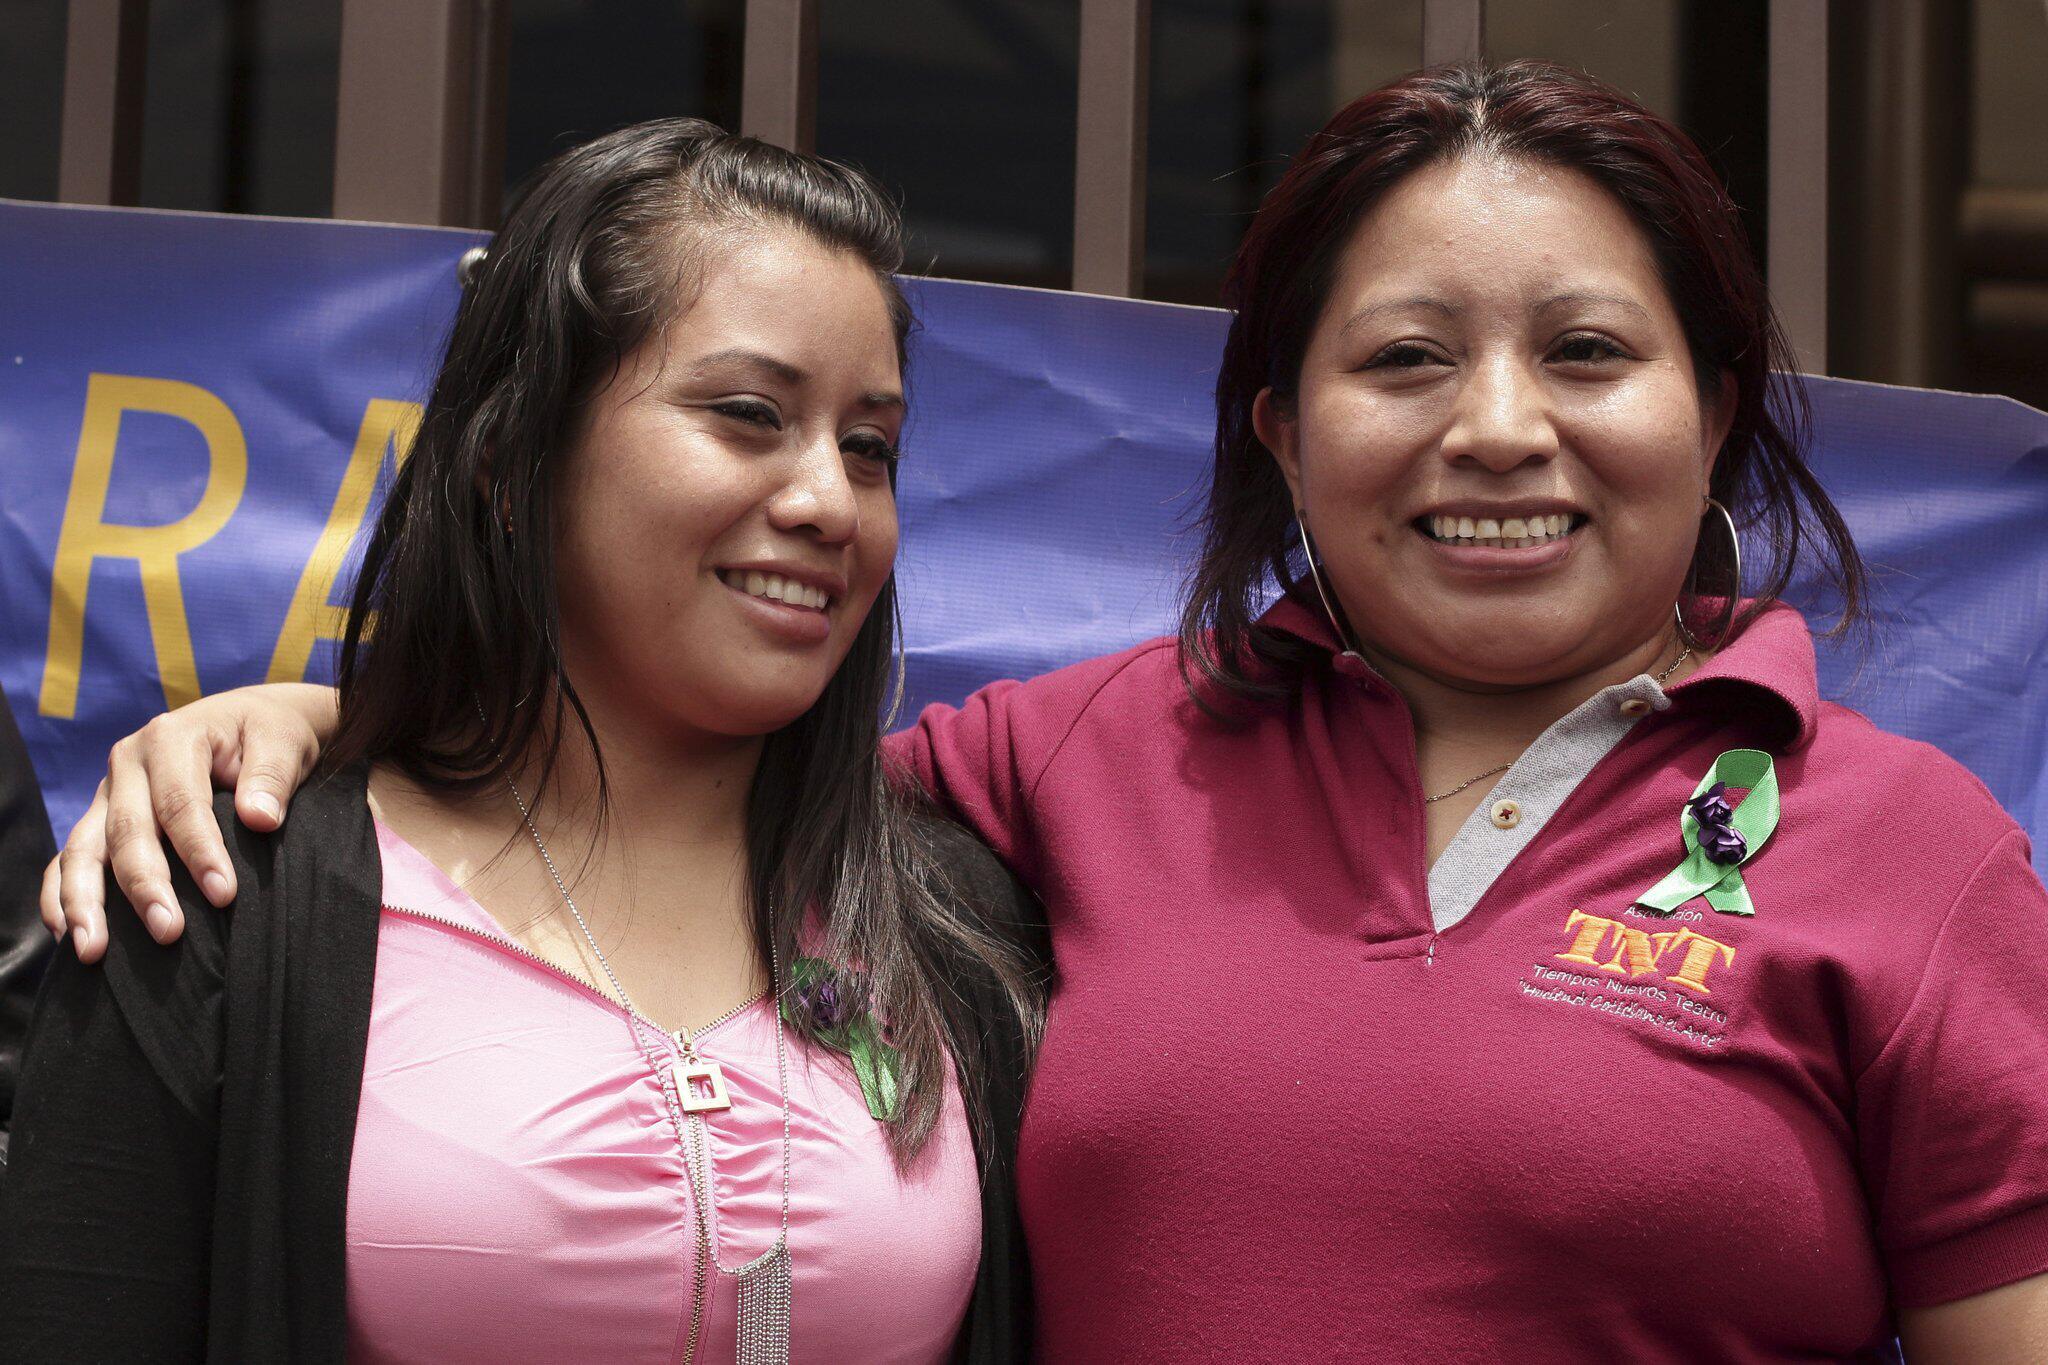 Bild zu Wegen Abtreibung angeklagte Frau in El Salvador freigesprochen